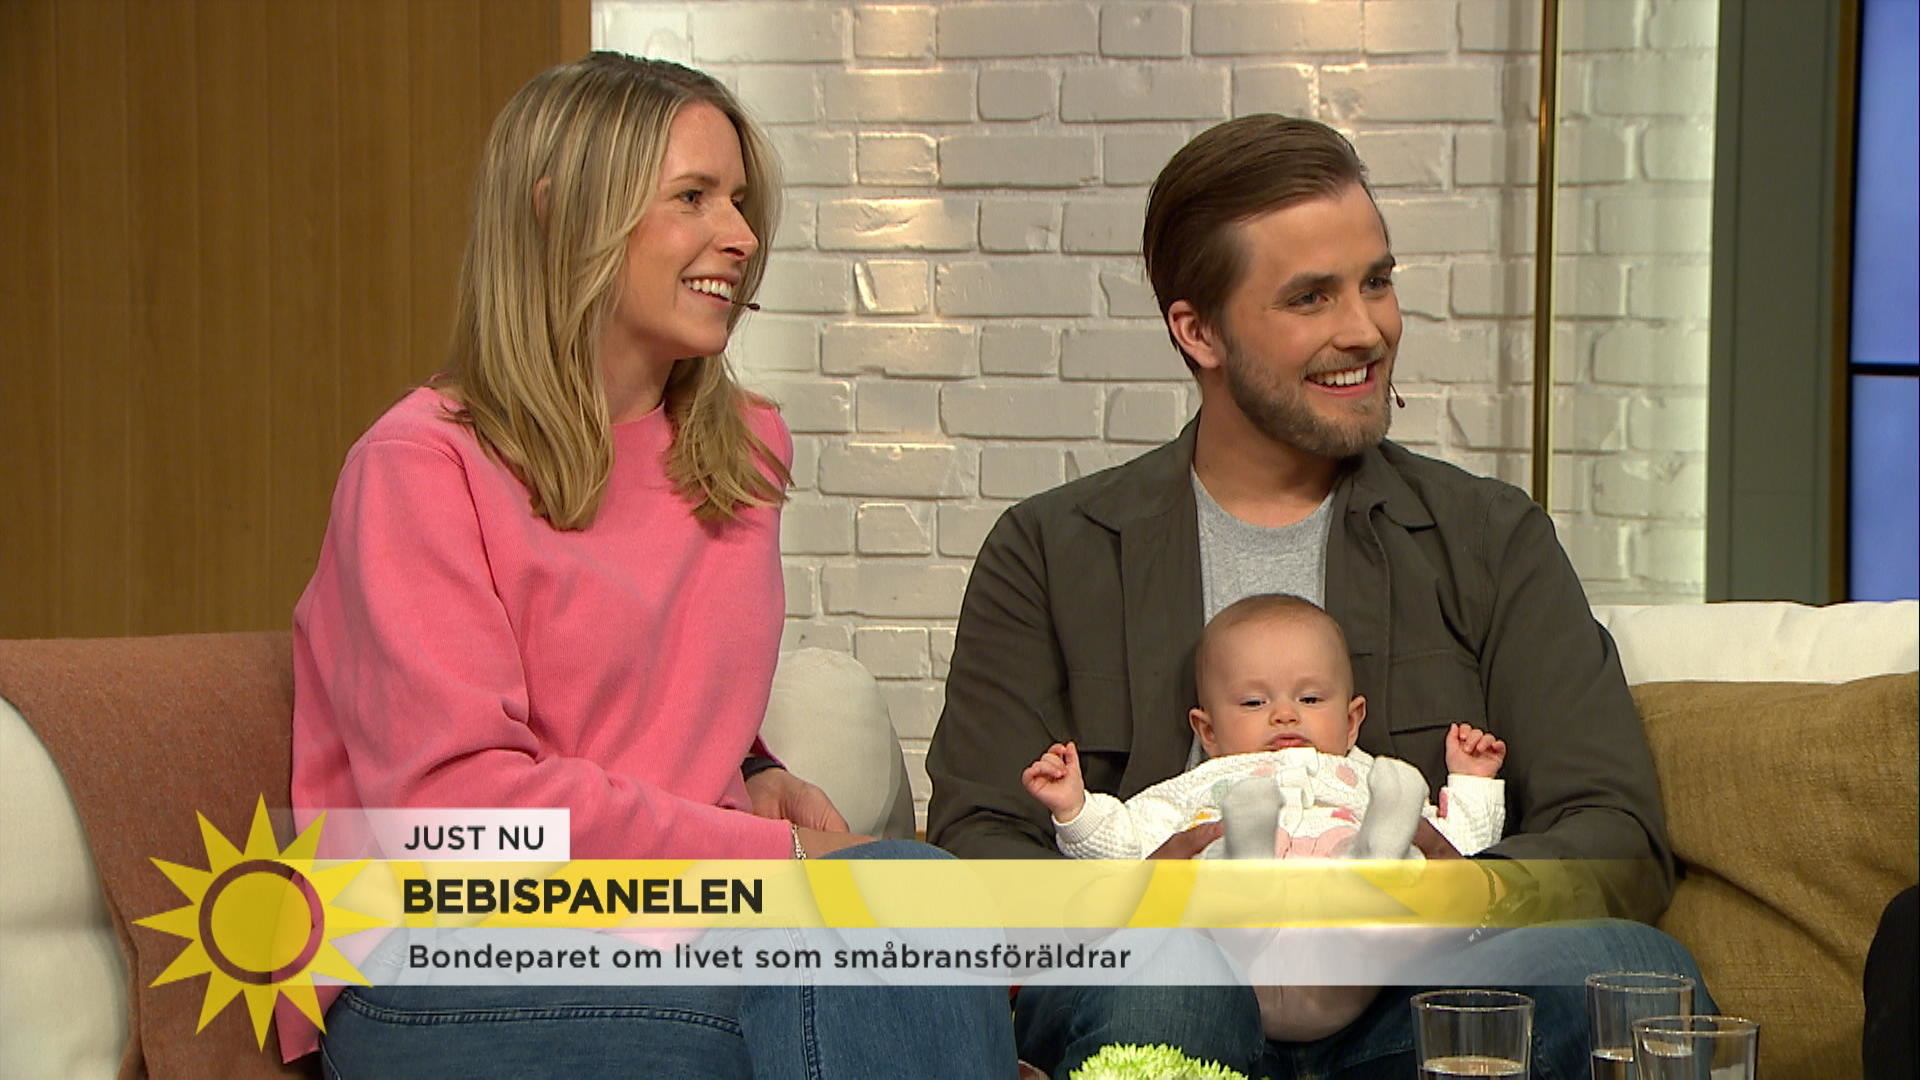 Bondeparets Lilla Wilda Debuterar I Bebispanelen